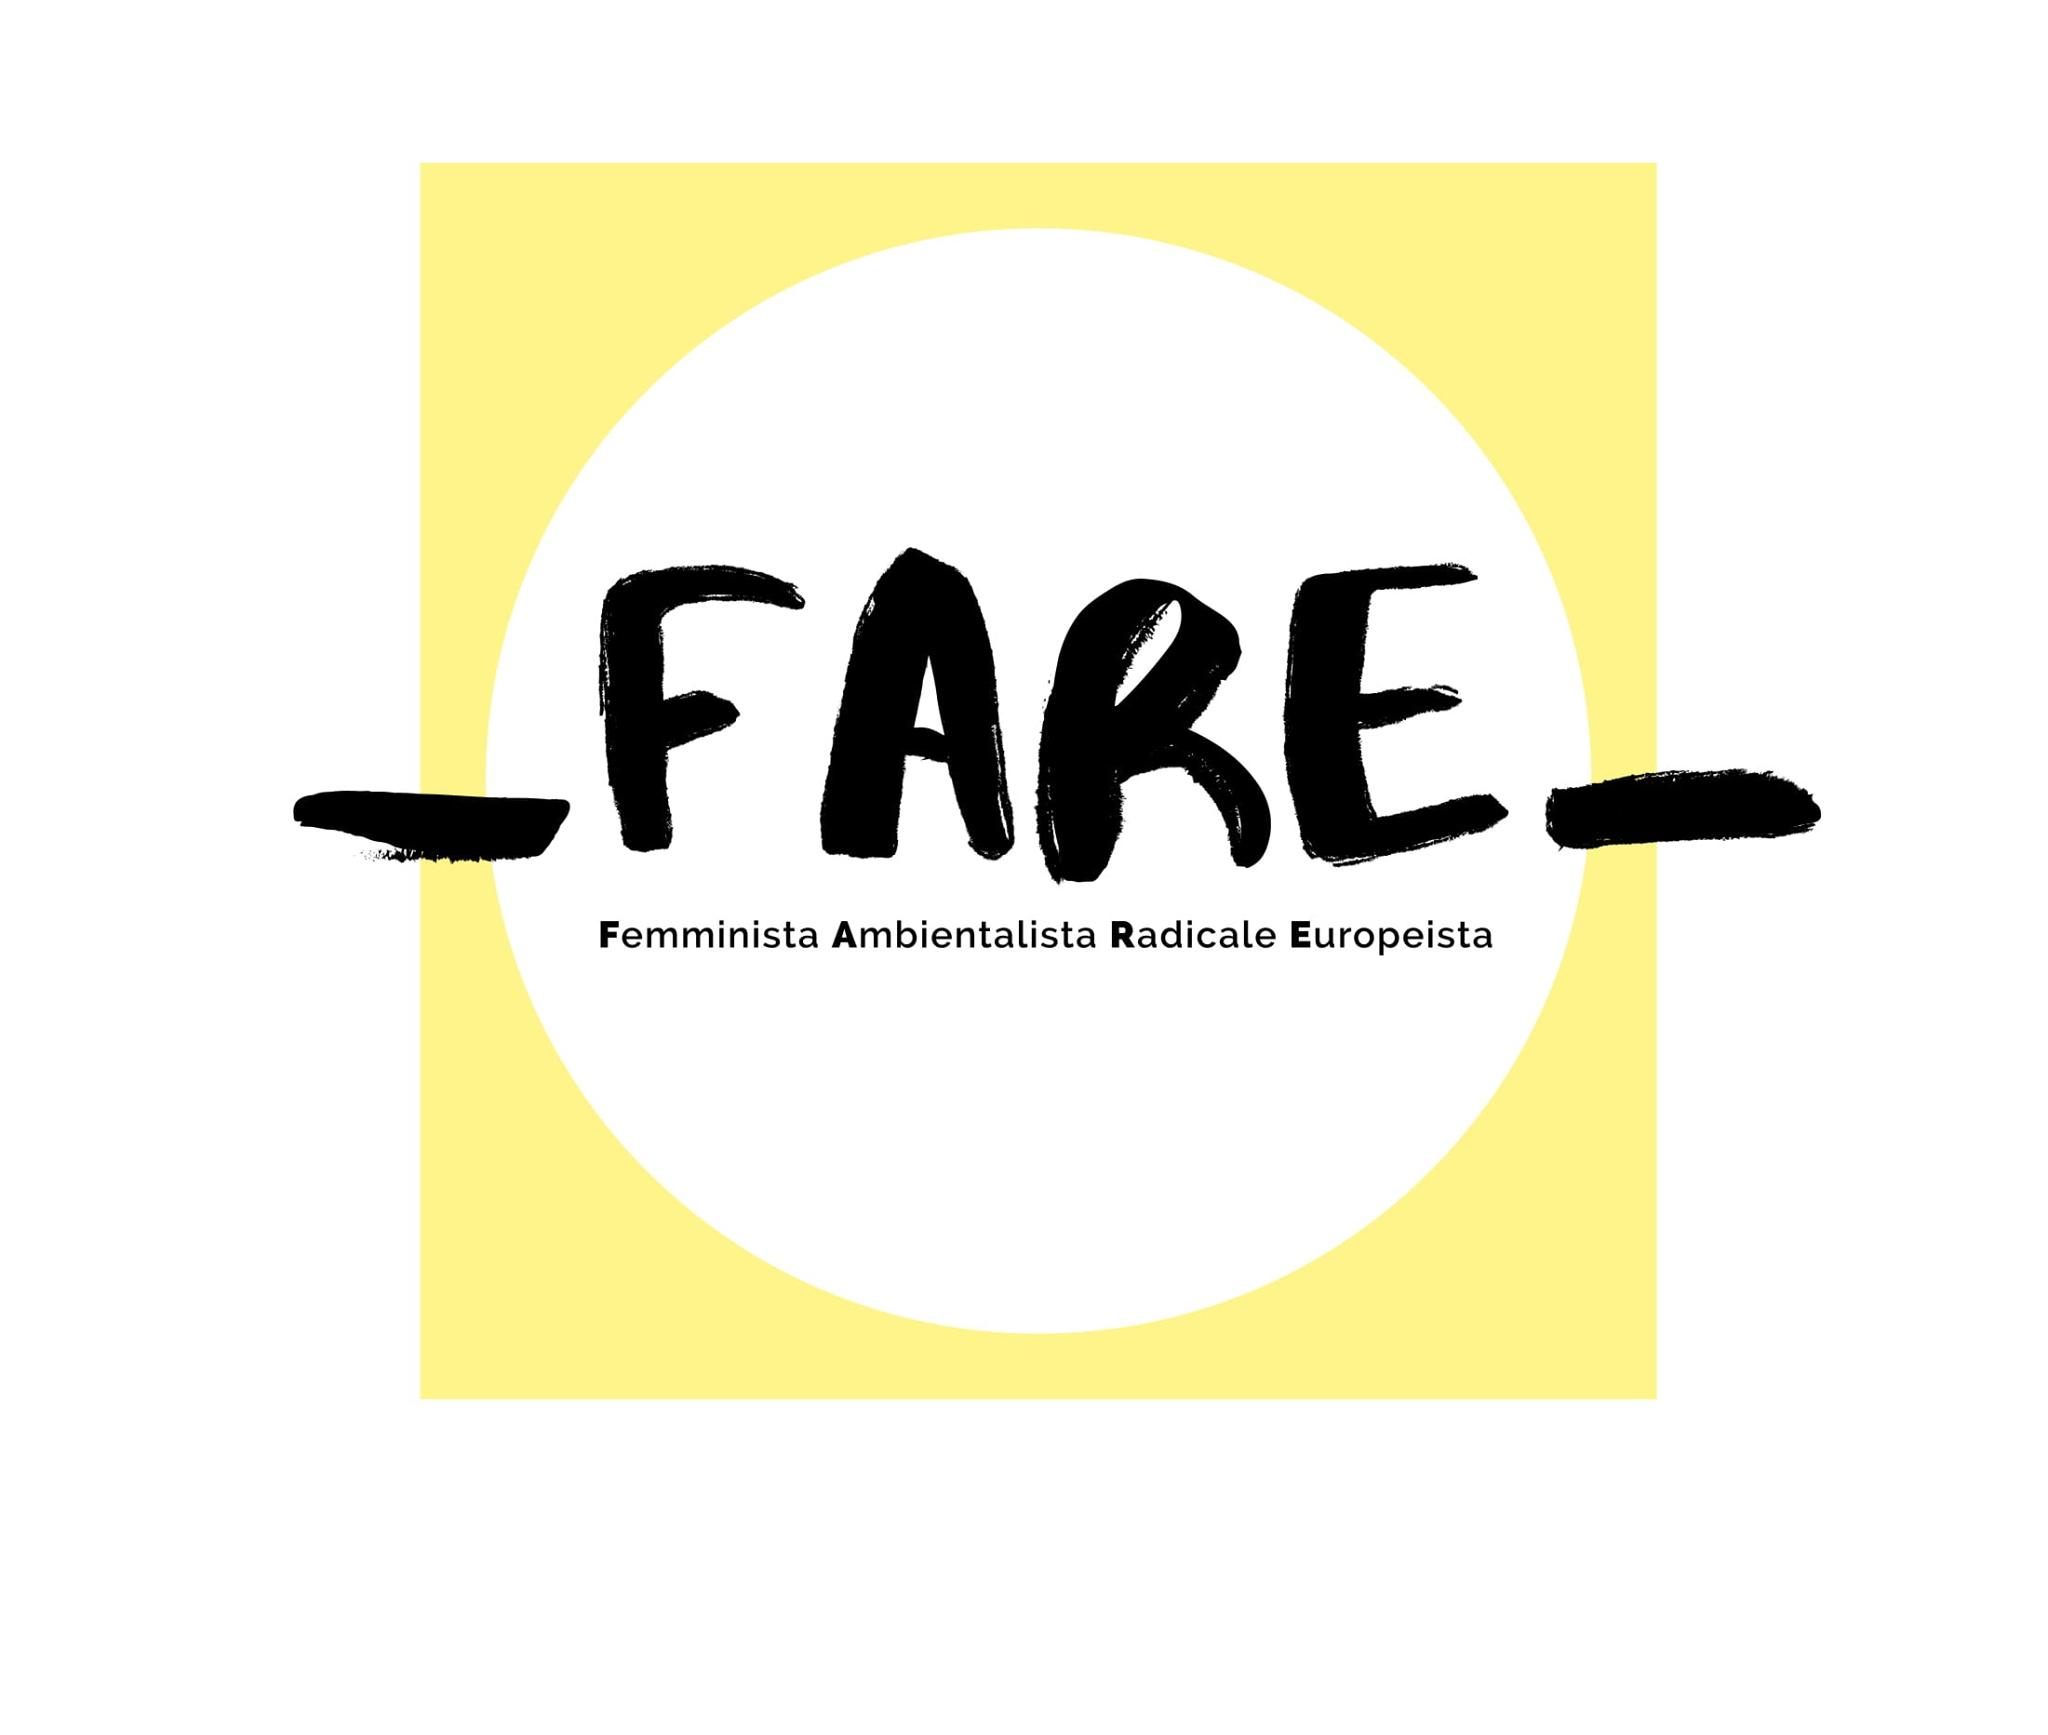 FARE RADICALE - 7 luglio 2020 - ore 17 - pagina Facebook Associazione FARE